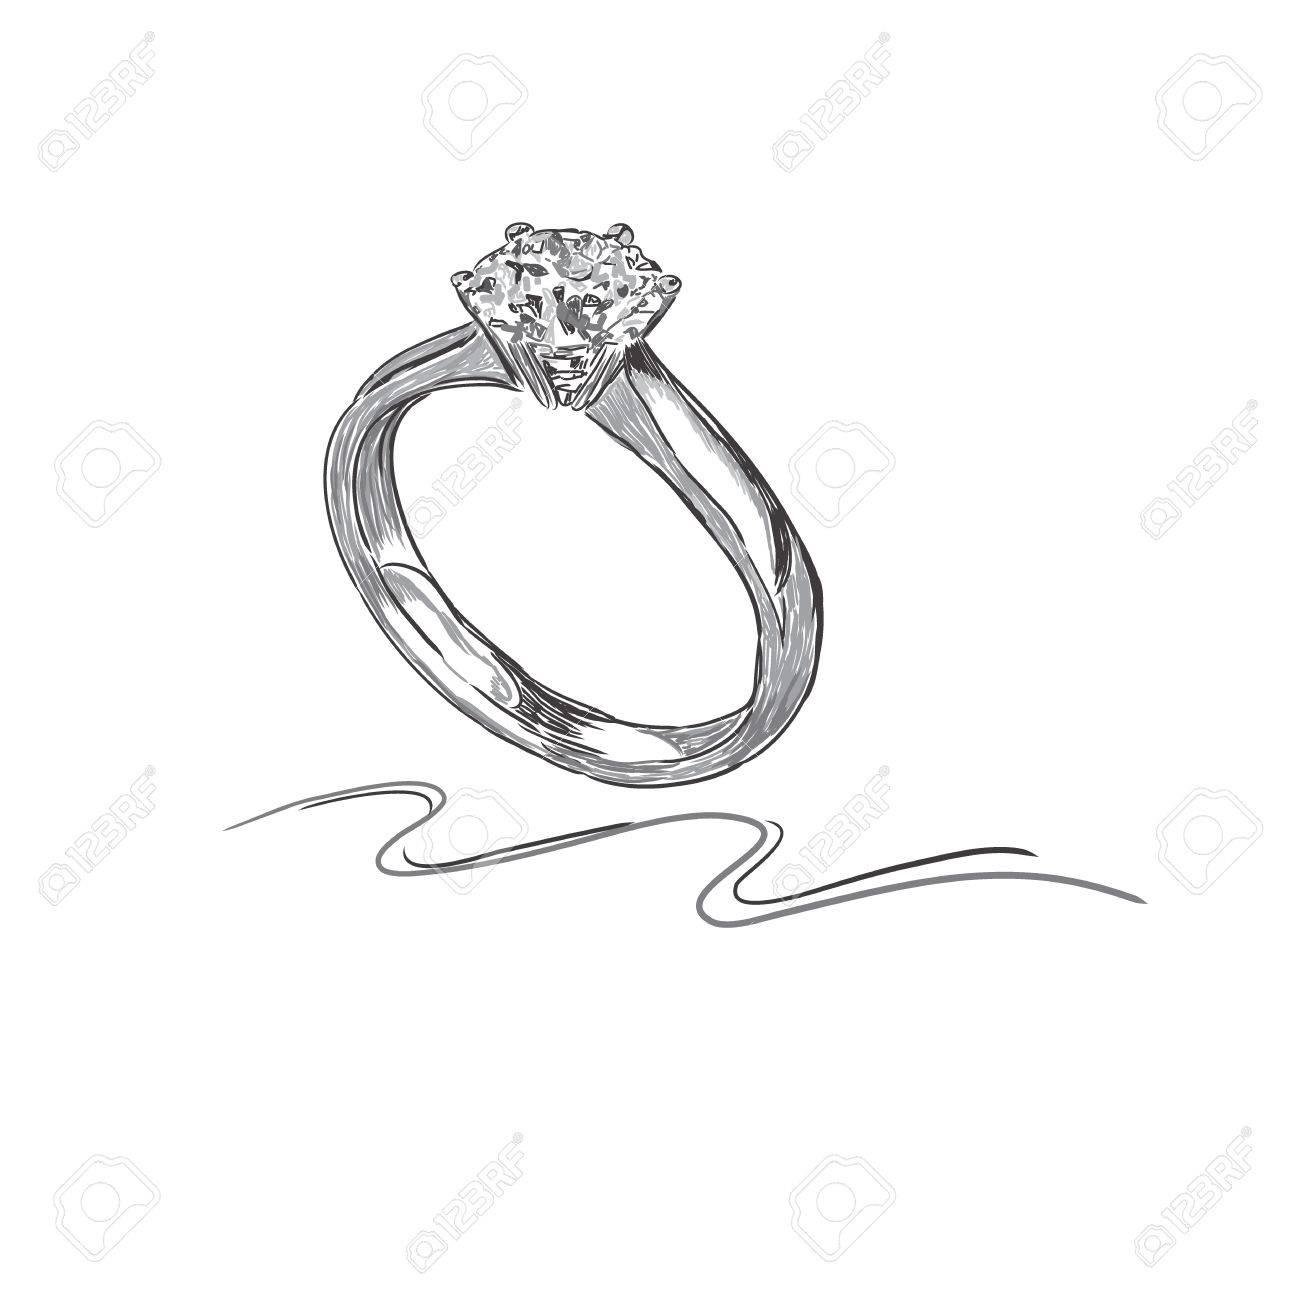 wedding ring, sketch, vector illustration - 54951428